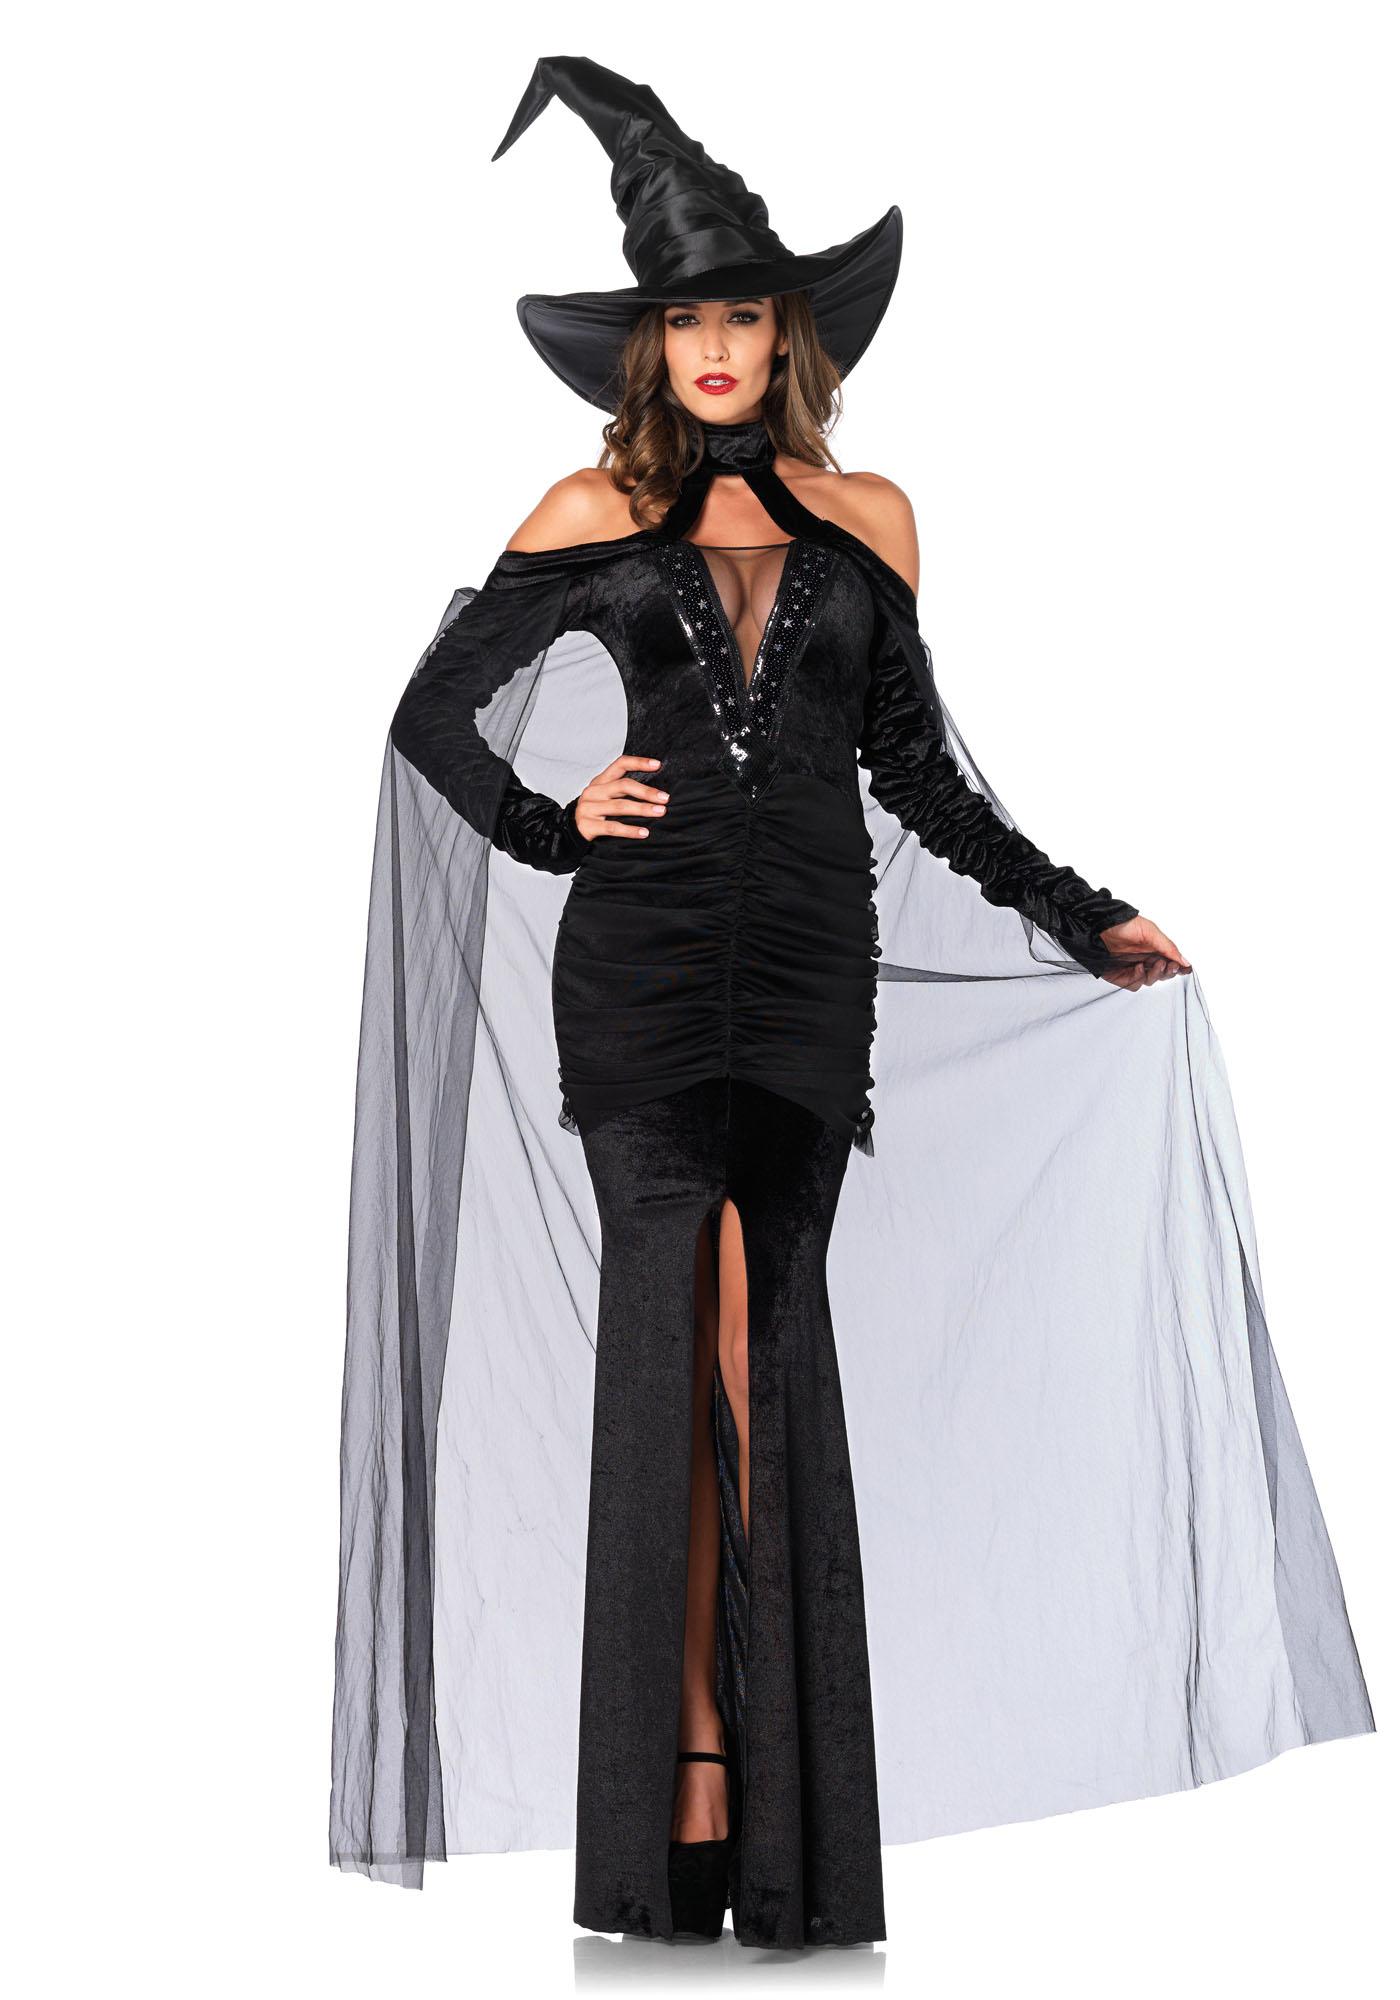 e DonnaCostumi Costume Strega Sexy Di Vestiti Adulti Carnevale WID9E2YH